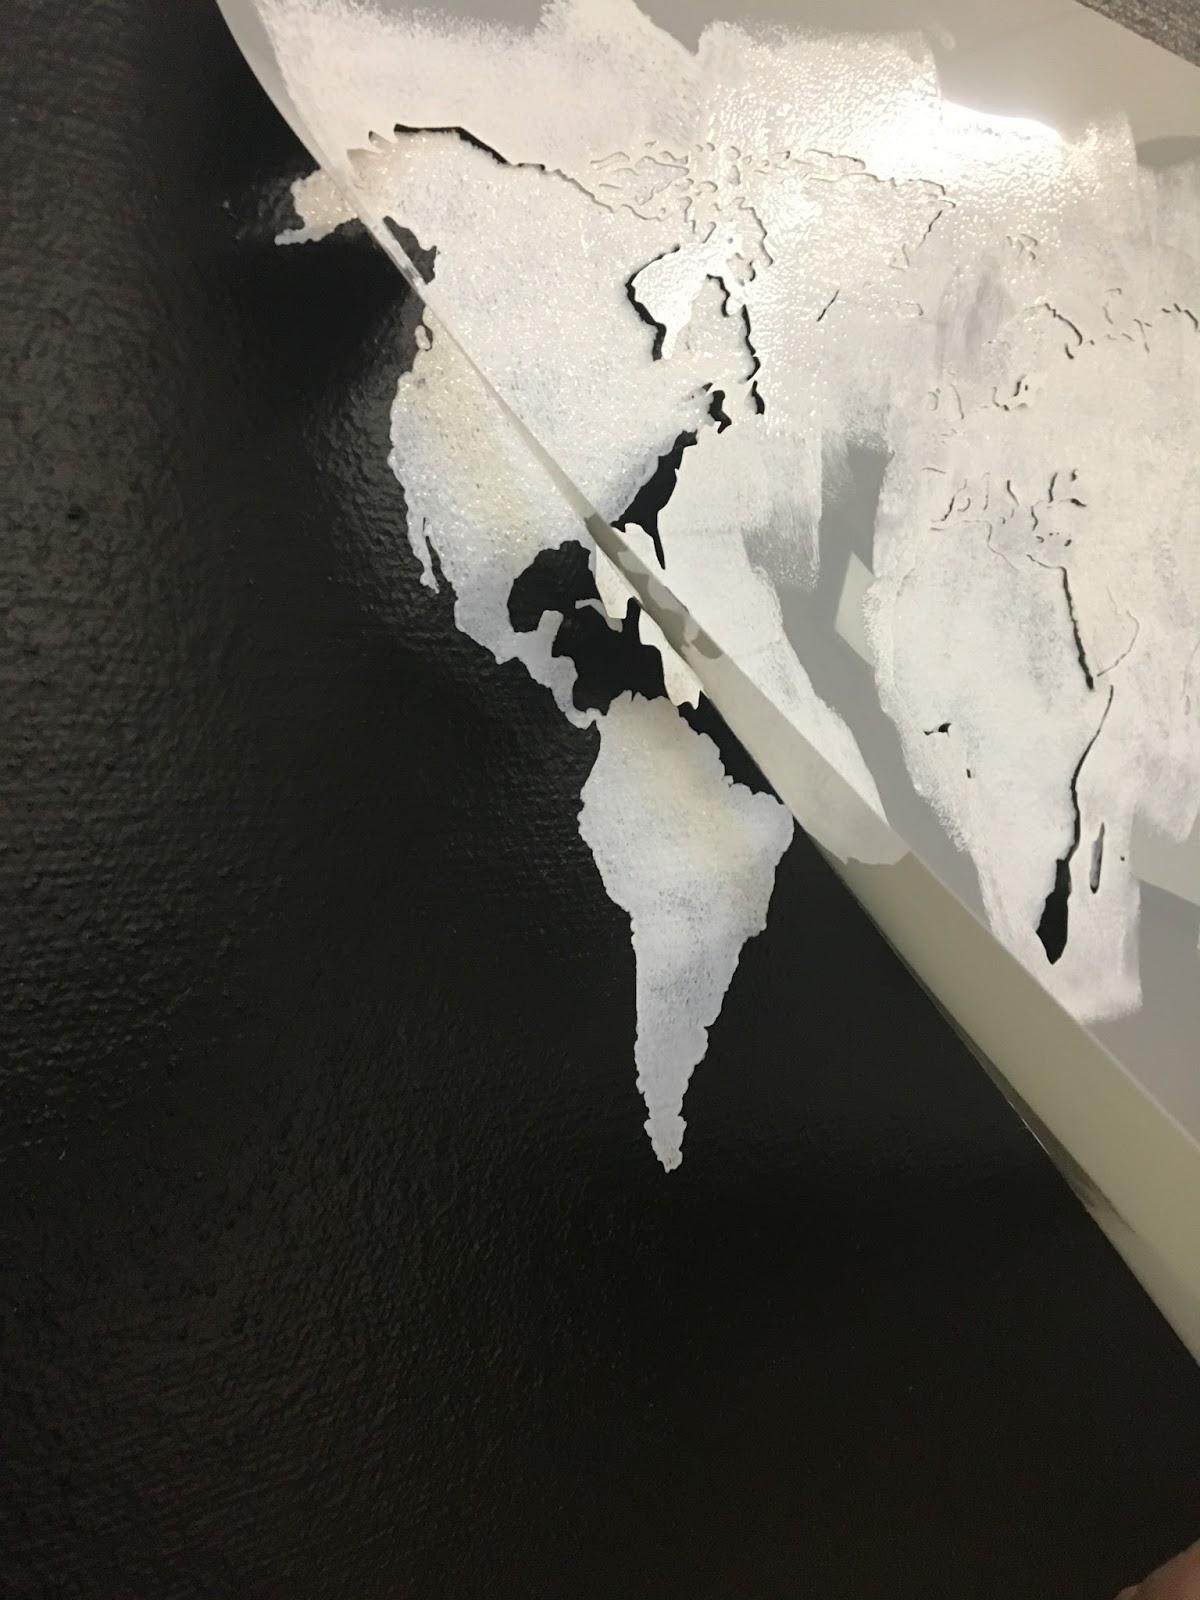 A quick wall makeover with stencilrevolution.com